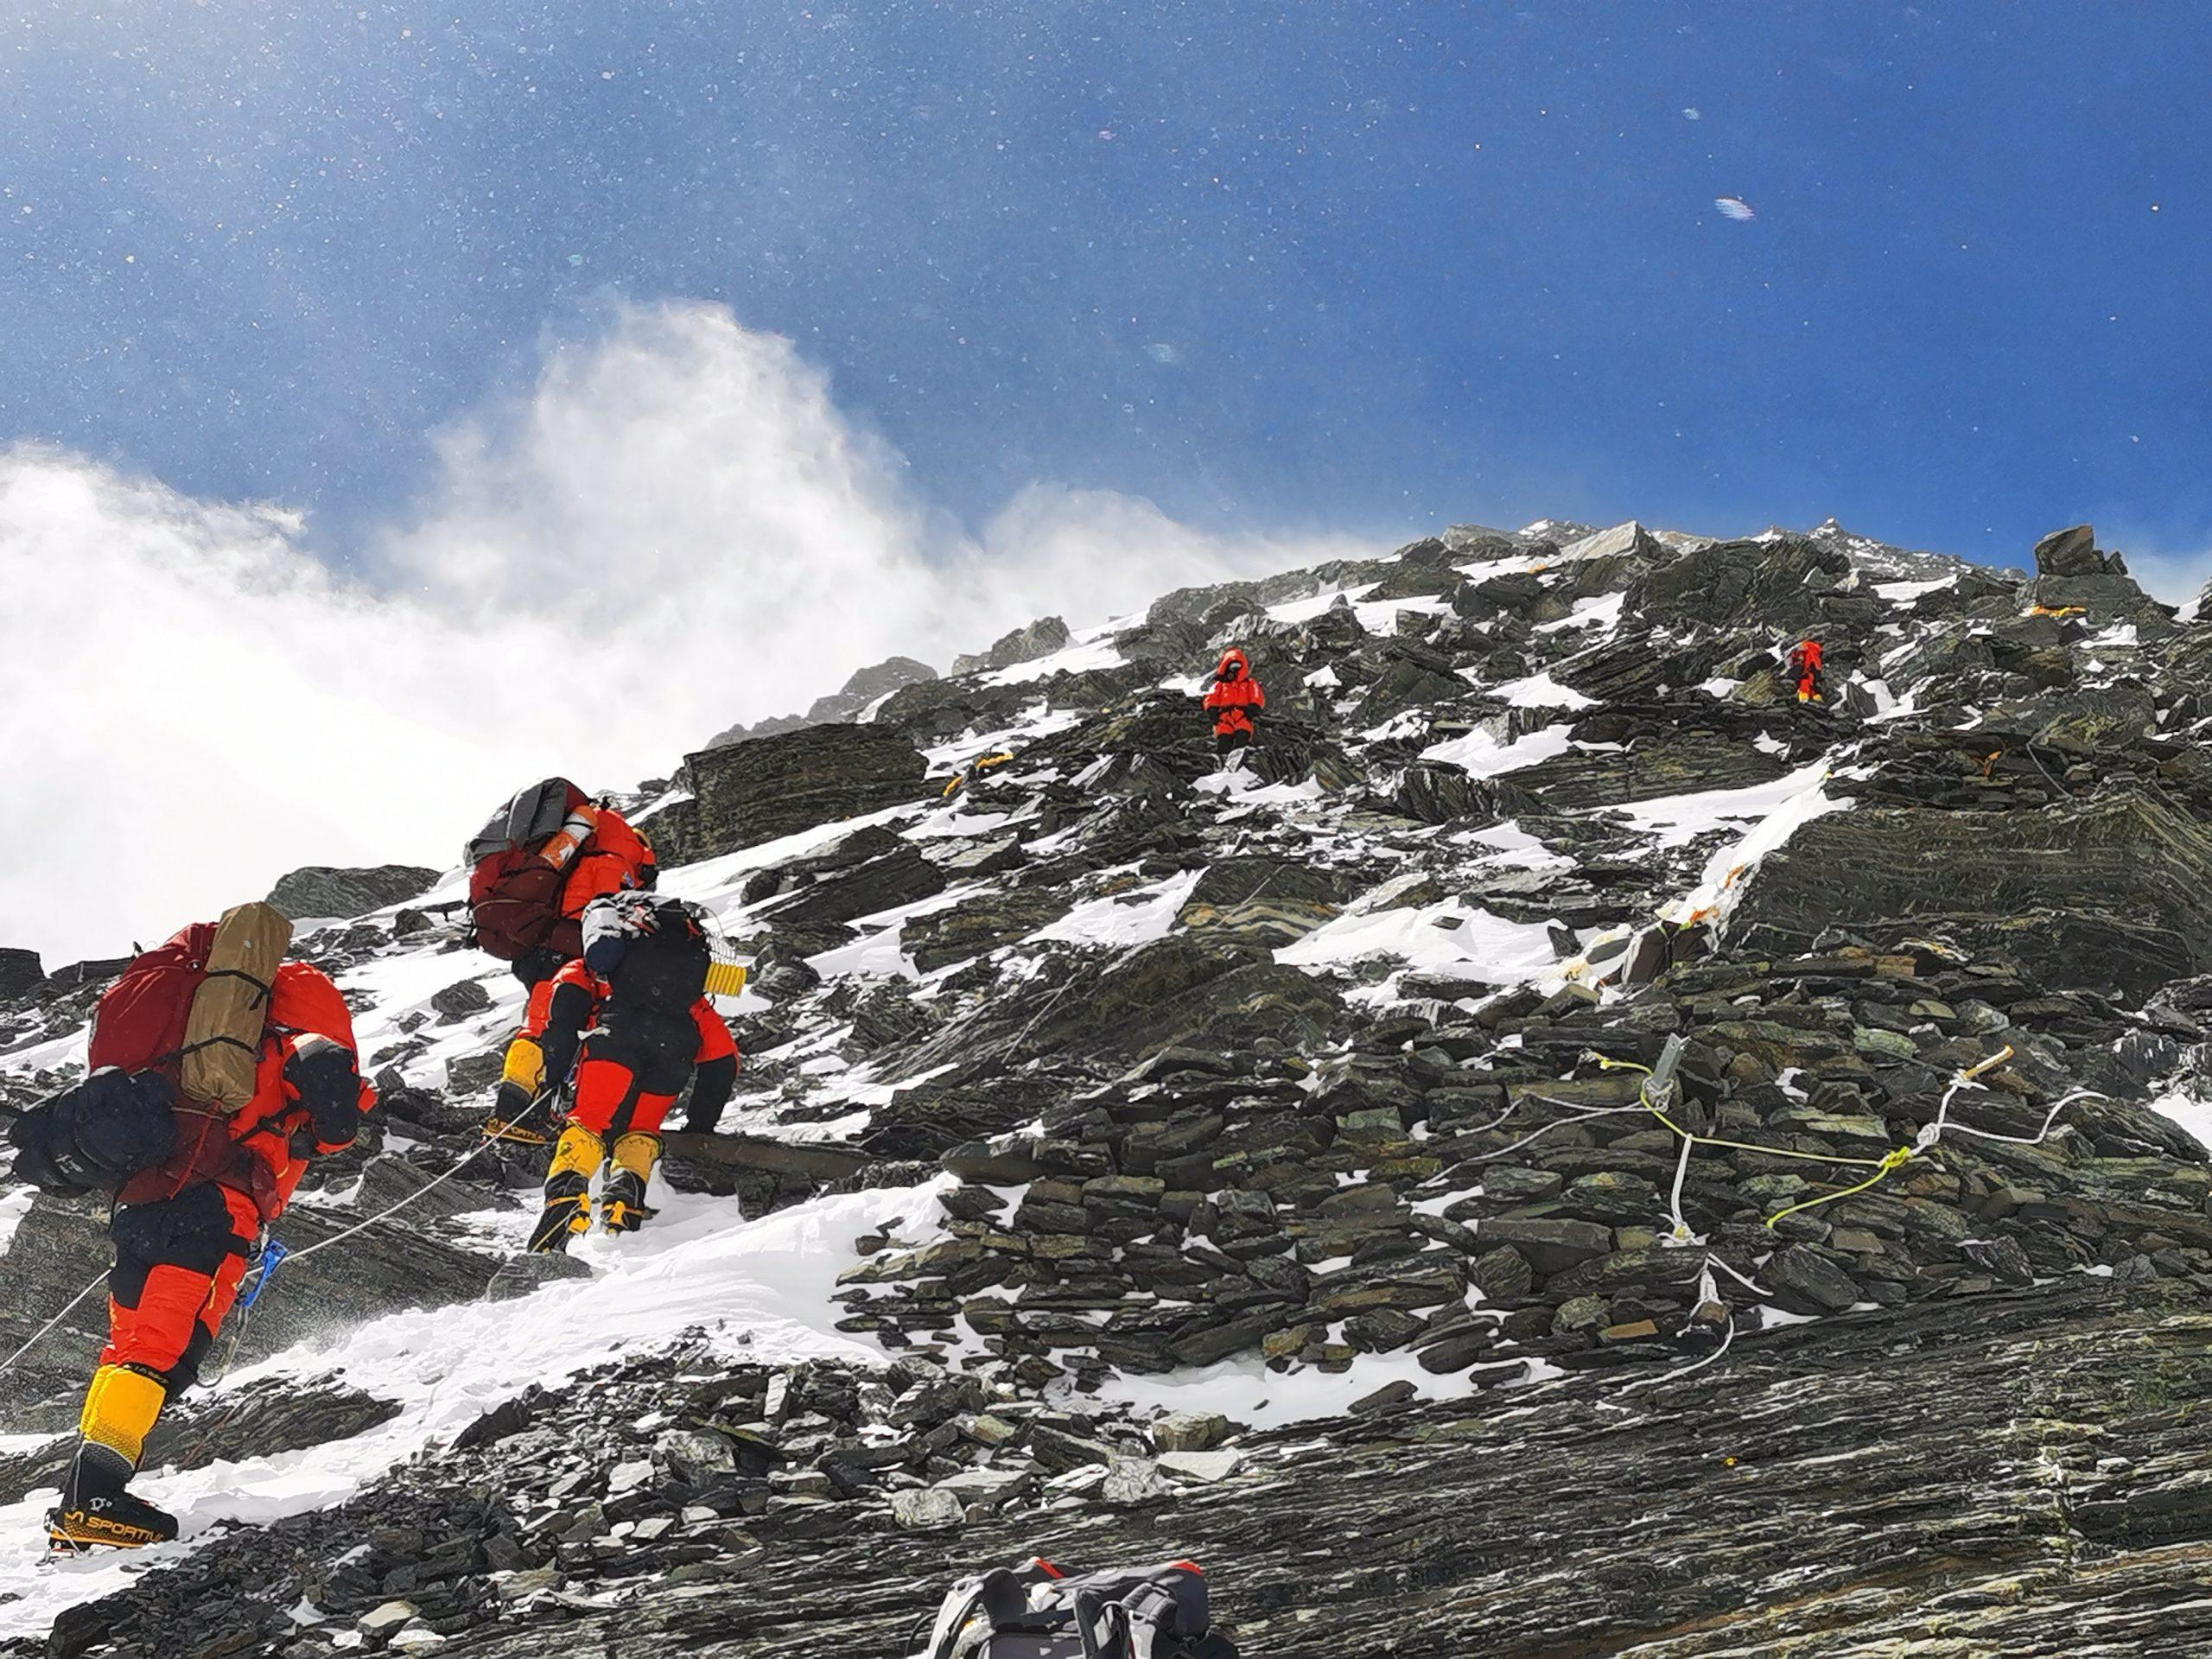 Equipo de topografía chino se dirige a cumbre de monte Qomolangma